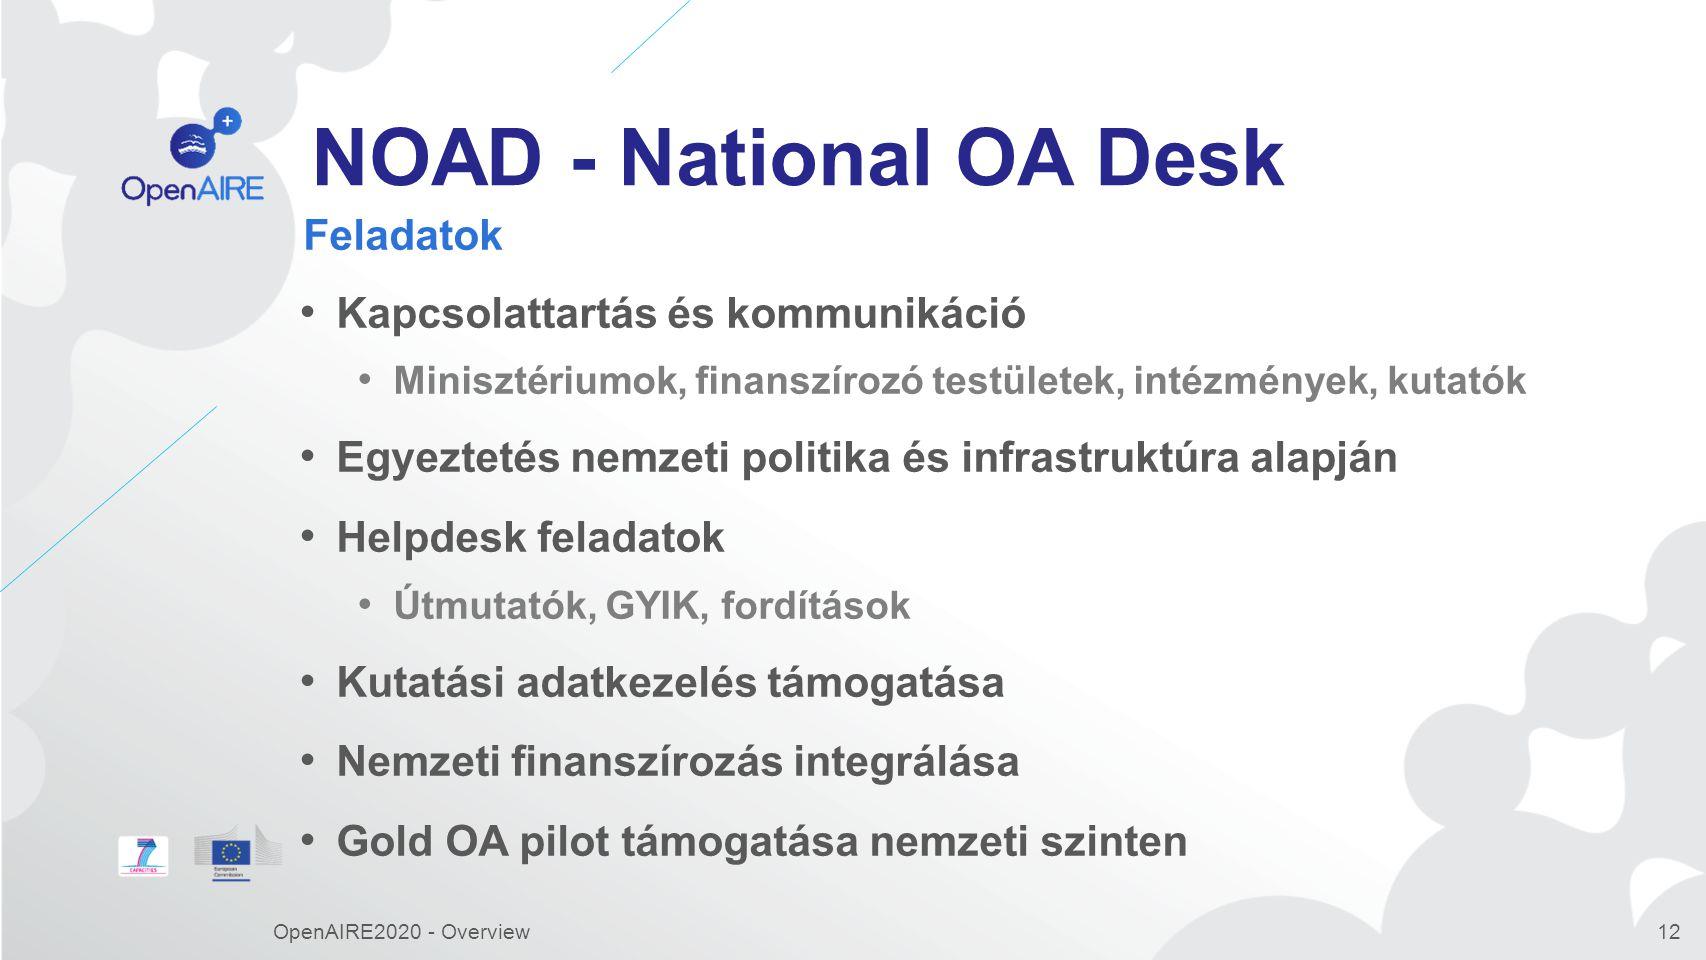 NOAD - National OA Desk Kapcsolattartás és kommunikáció Minisztériumok, finanszírozó testületek, intézmények, kutatók Egyeztetés nemzeti politika és infrastruktúra alapján Helpdesk feladatok Útmutatók, GYIK, fordítások Kutatási adatkezelés támogatása Nemzeti finanszírozás integrálása Gold OA pilot támogatása nemzeti szinten Feladatok OpenAIRE2020 - Overview12